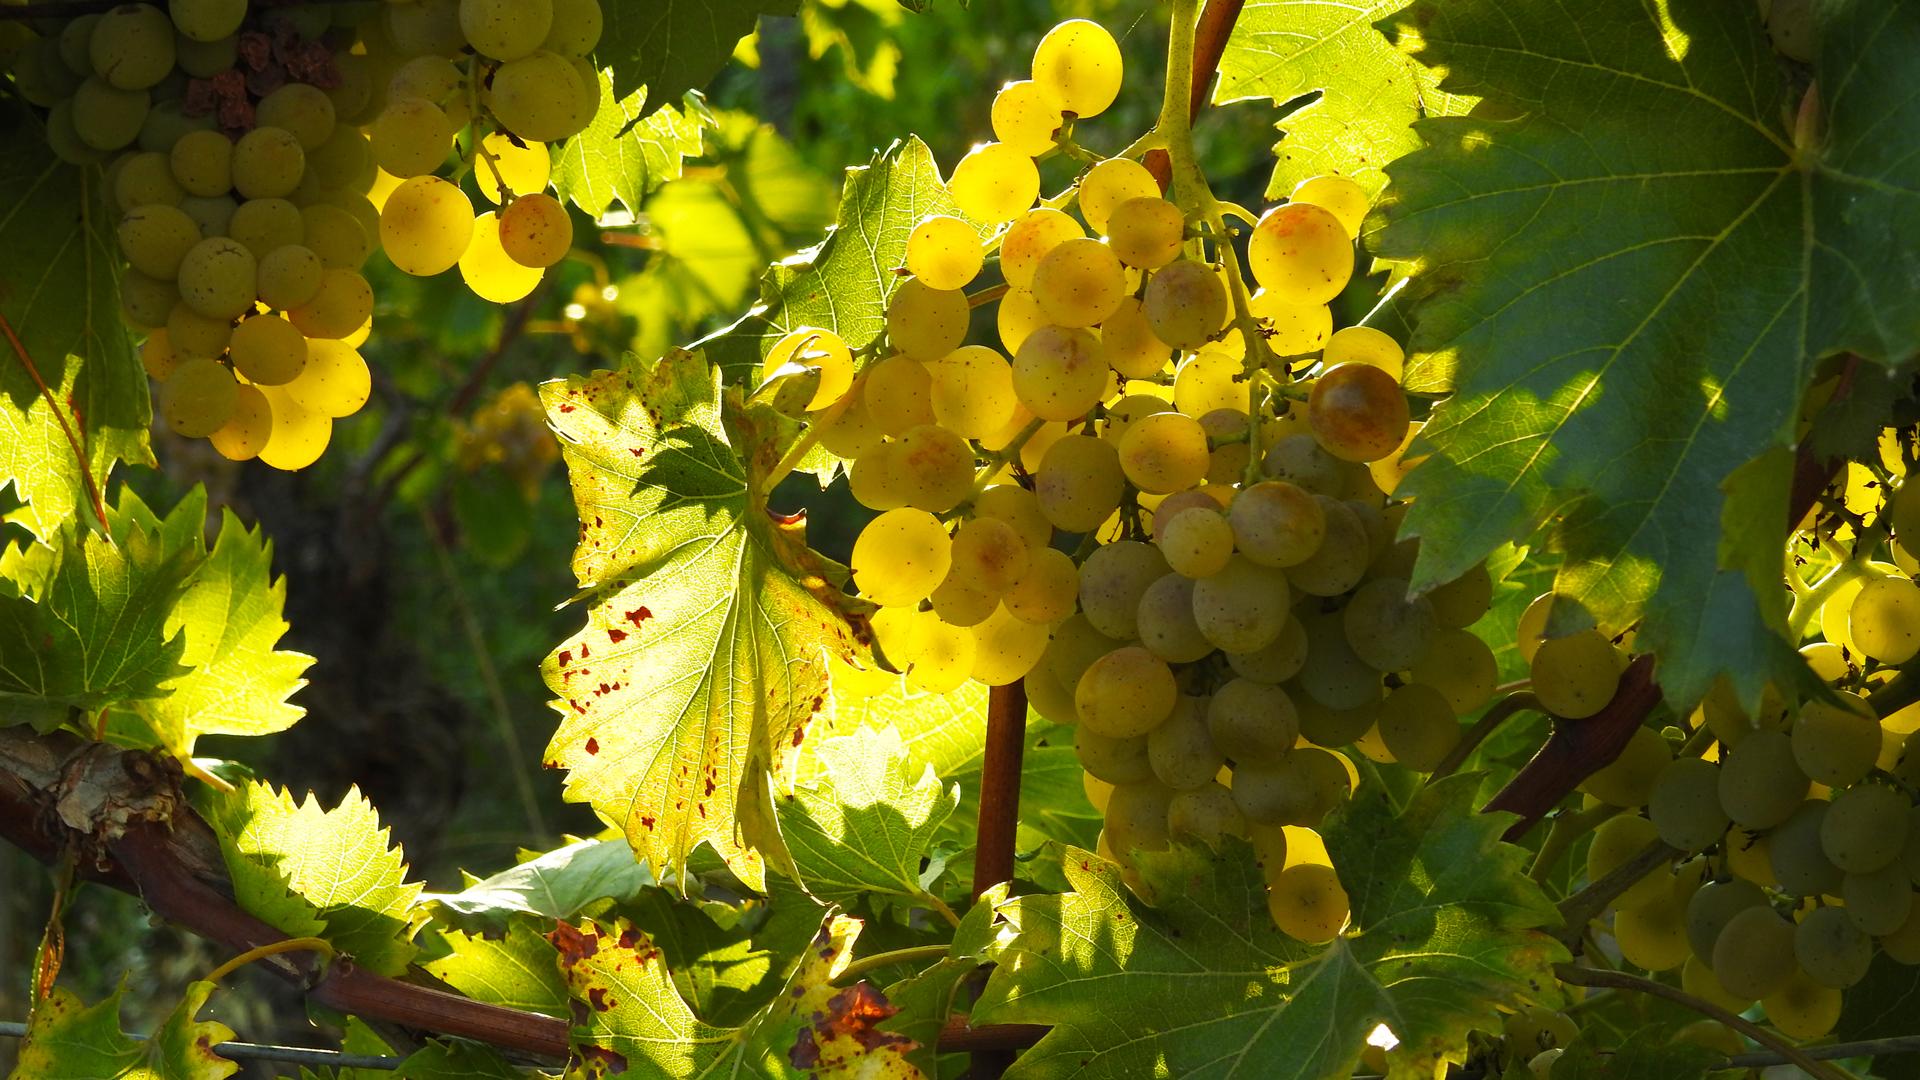 Grappolo d'uva - Enoteca Ovada e Monferrato